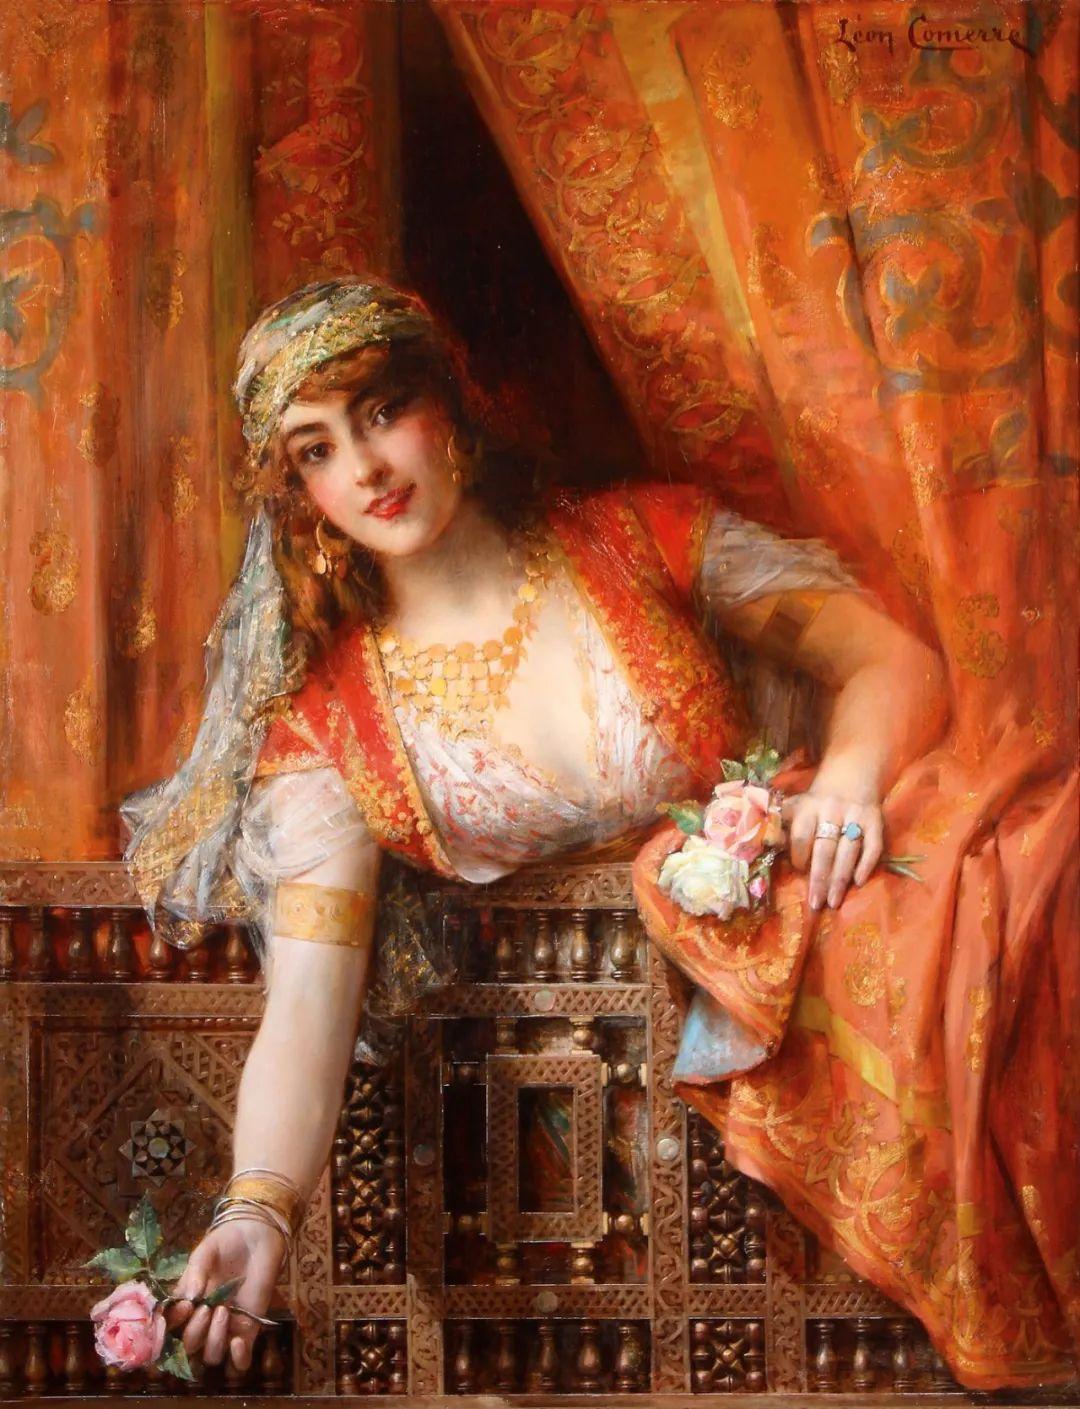 法国学院派画家科默尔,笔下的美丽女性插图9